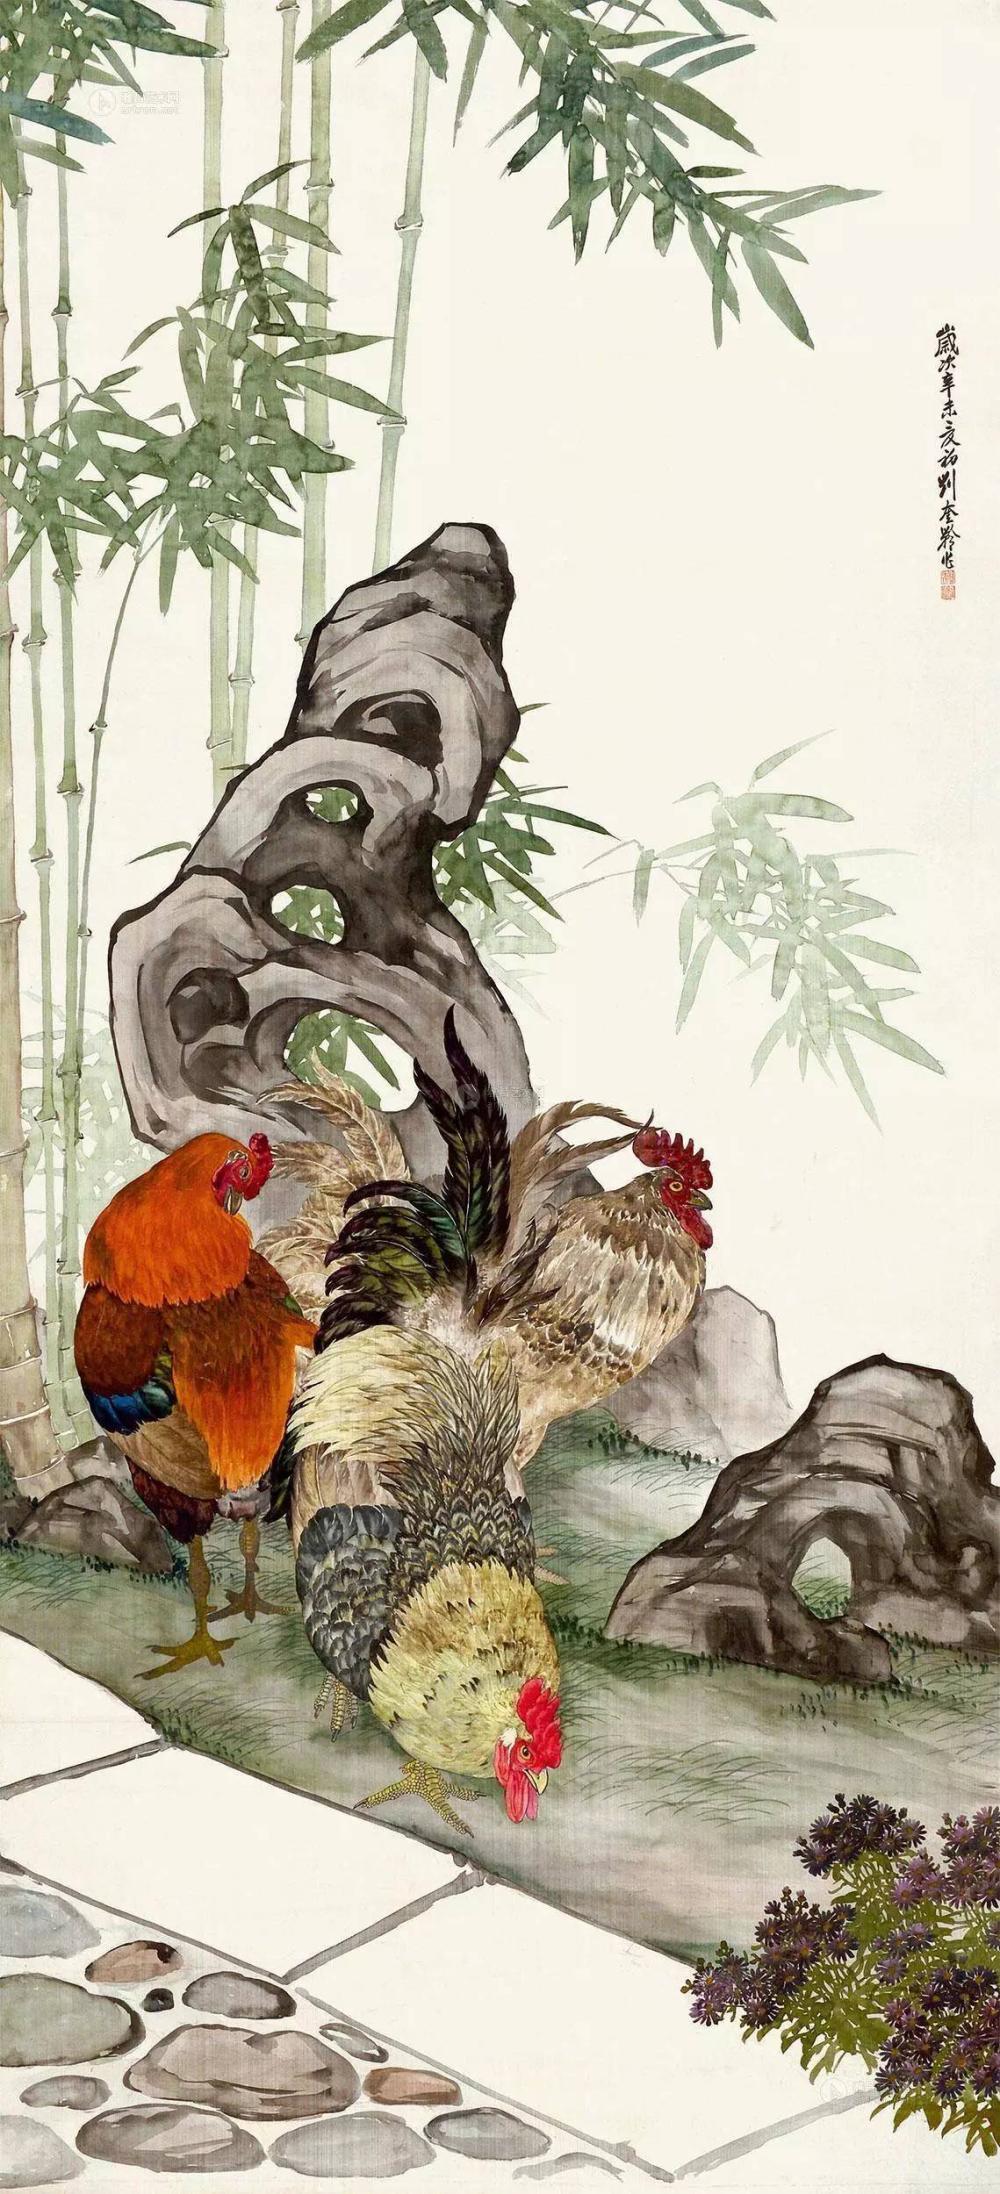 """动物画一代宗师,被誉为""""全能画家"""",能工善写,擅长动物,植物,人物画及"""